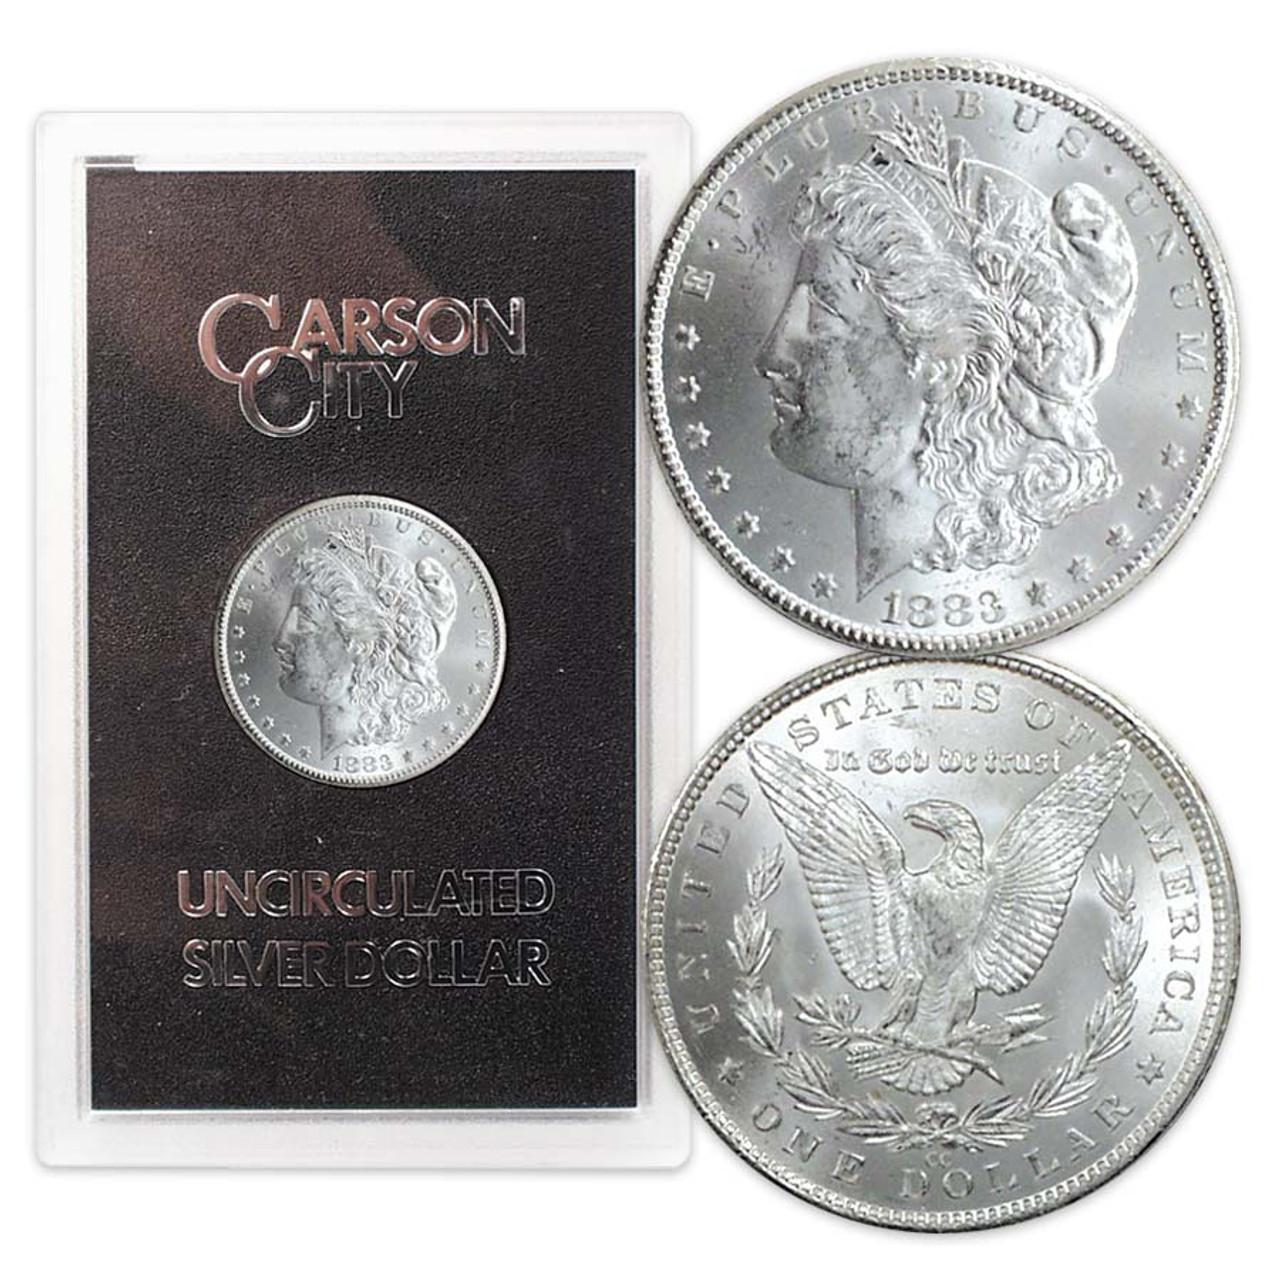 1883-CC Morgan Silver Dollar in GSA Case Brilliant Uncirculated Image 1